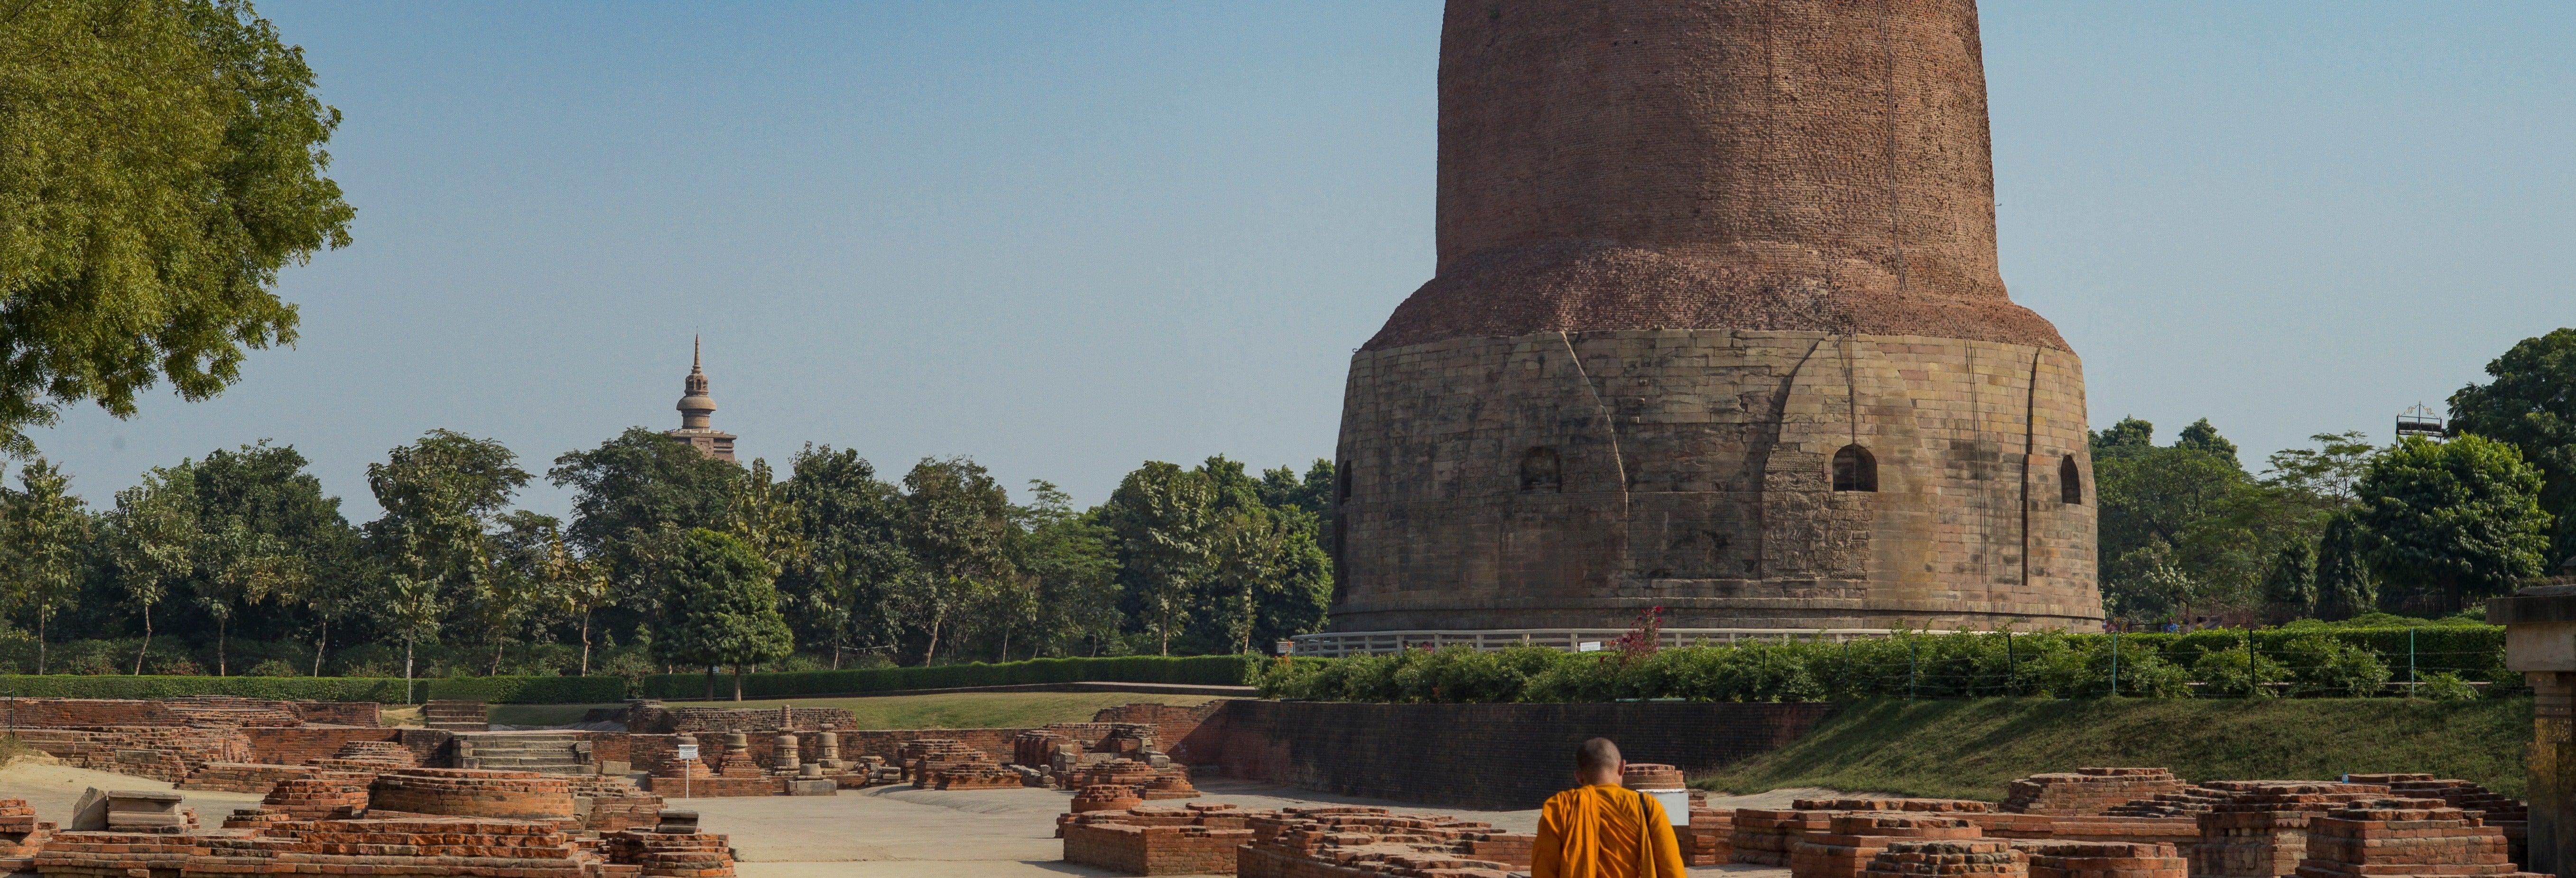 Excursión a Sarnath